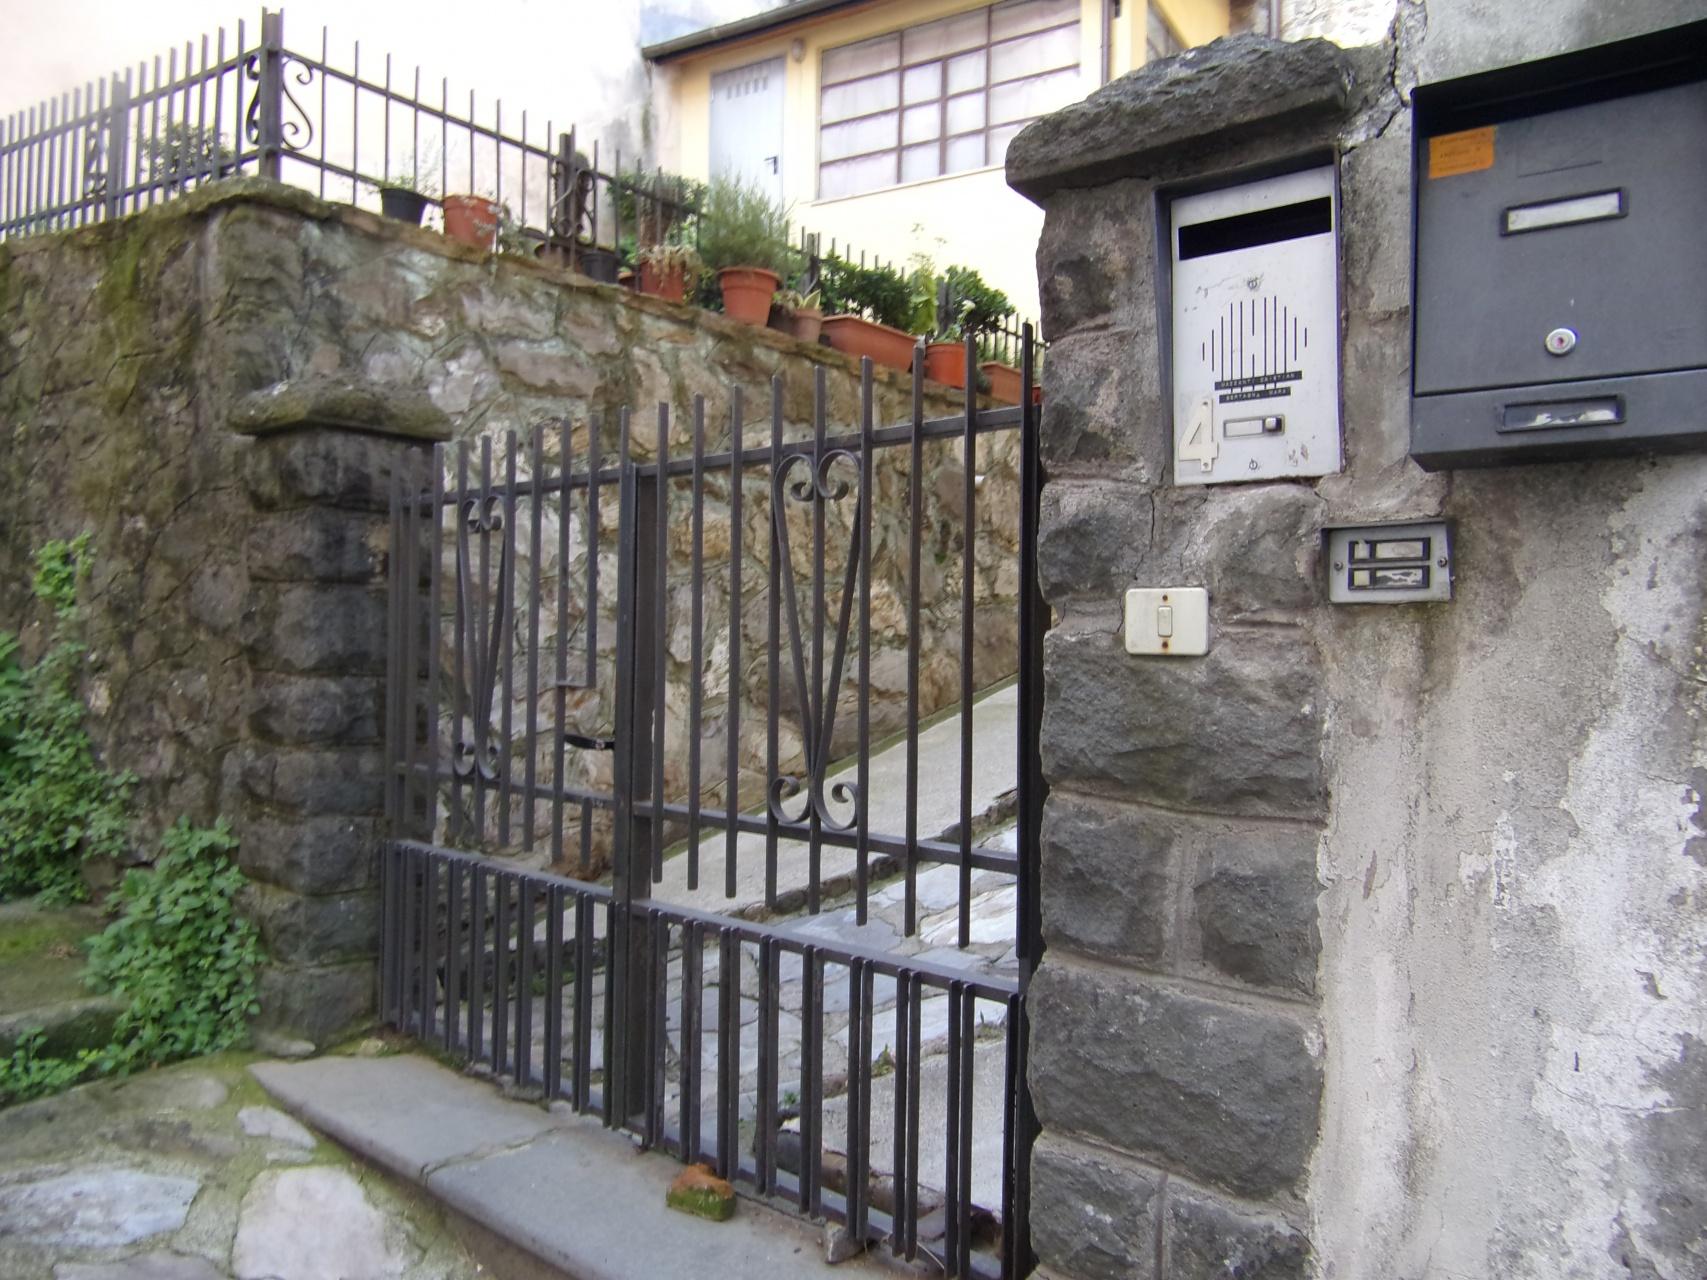 foto Appartamento al primo piano,  con garage,  situato nel centro storico di Barga, Lucca.